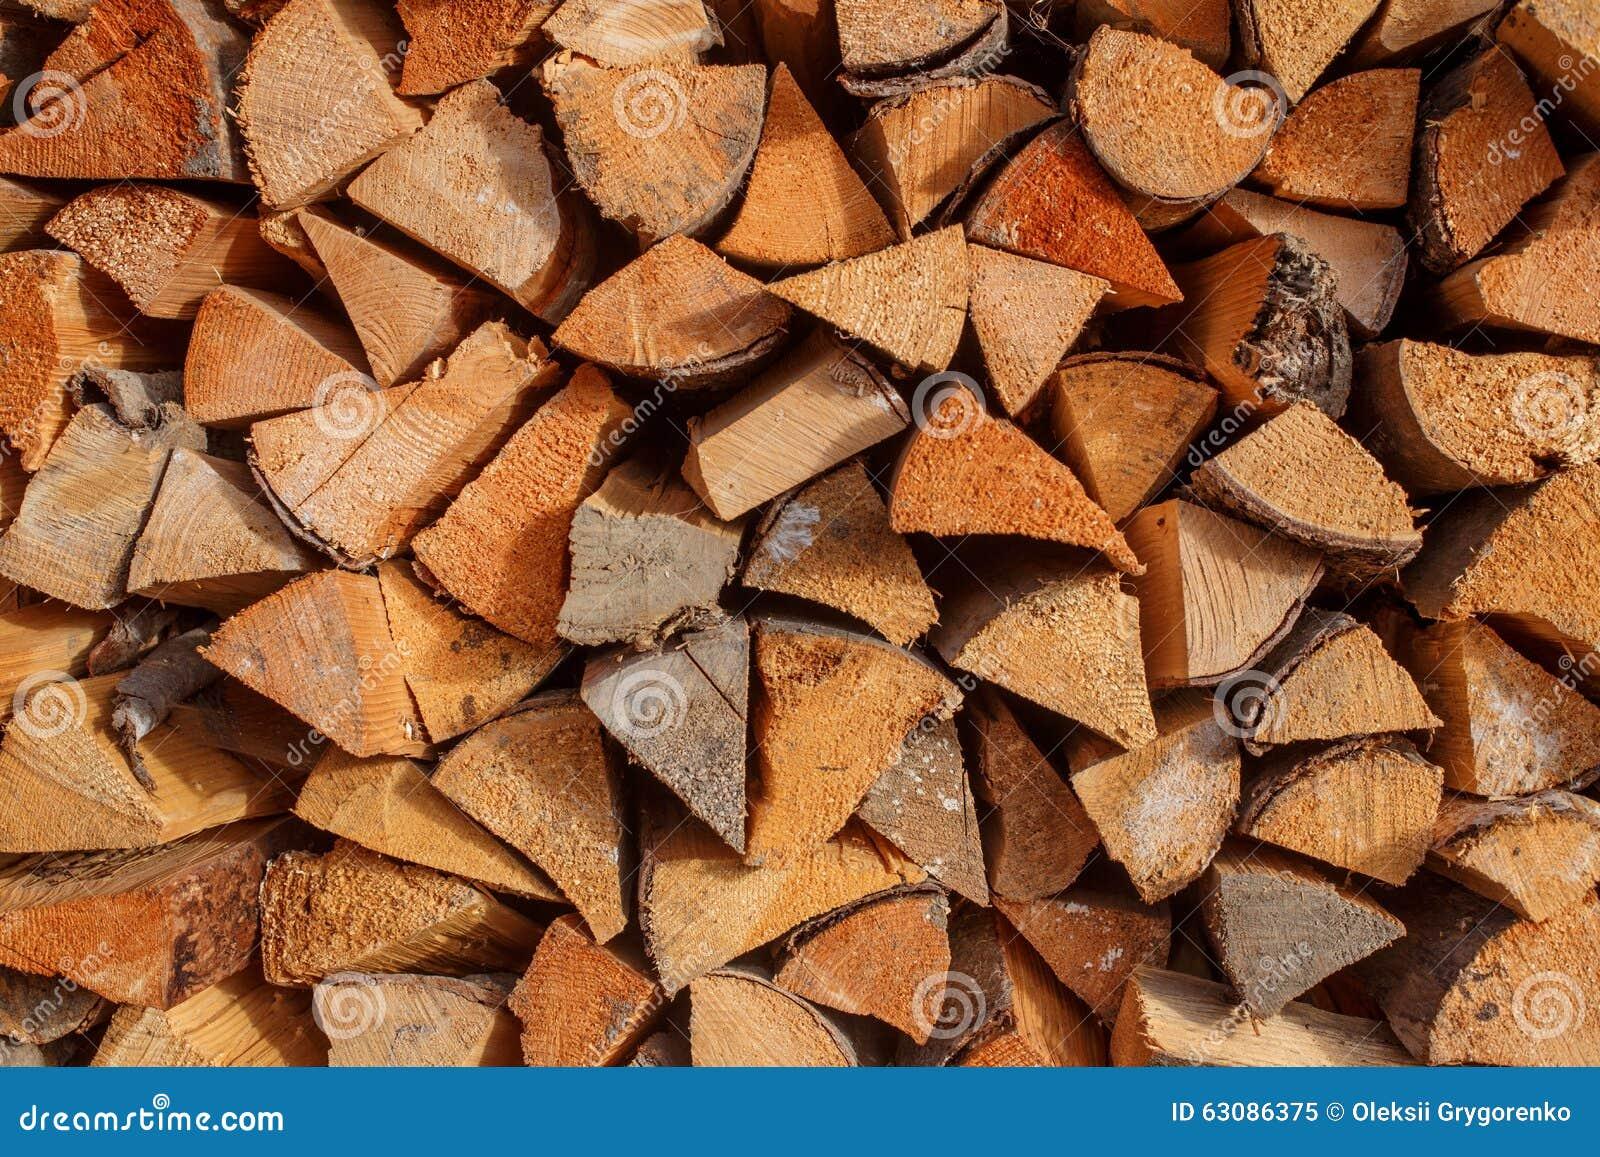 Download Fond Des Rondins Coupés Secs De Bois De Chauffage Empilés Sur L'un L'autre Dans Une Pile Image stock - Image du vieux, normal: 63086375